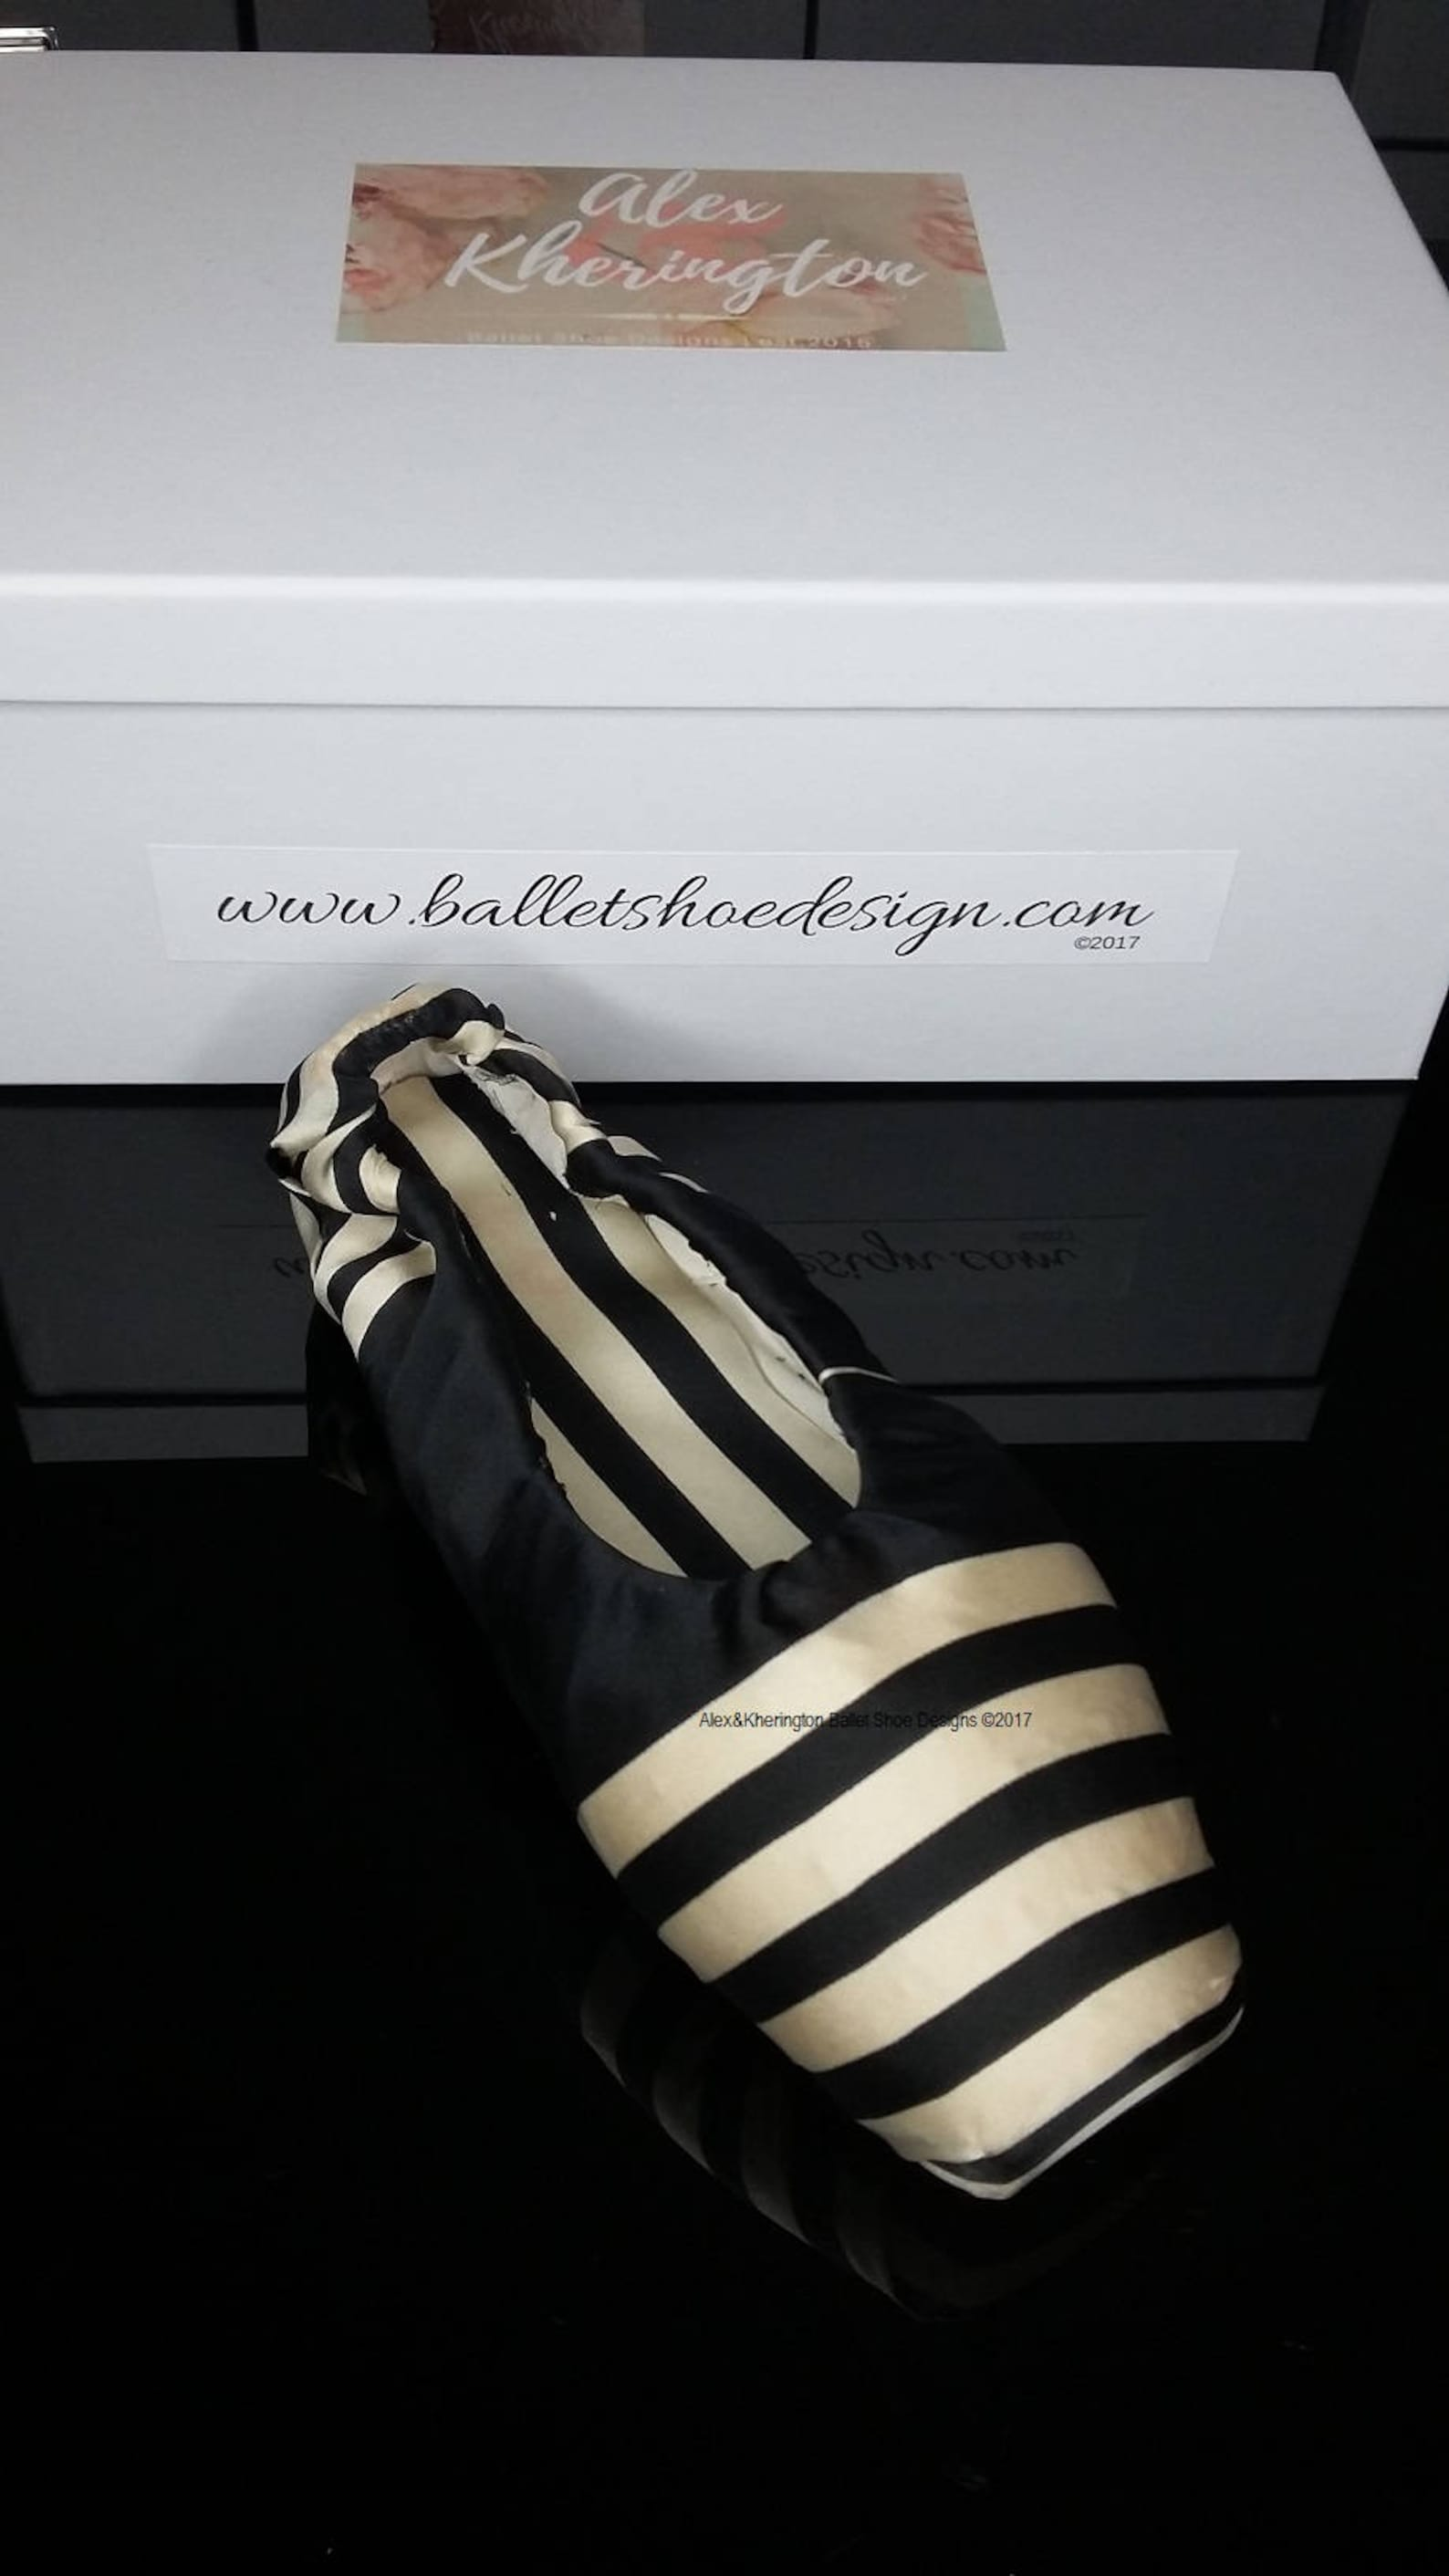 alex & kherington ballet shoe designs, decorated pointe shoes